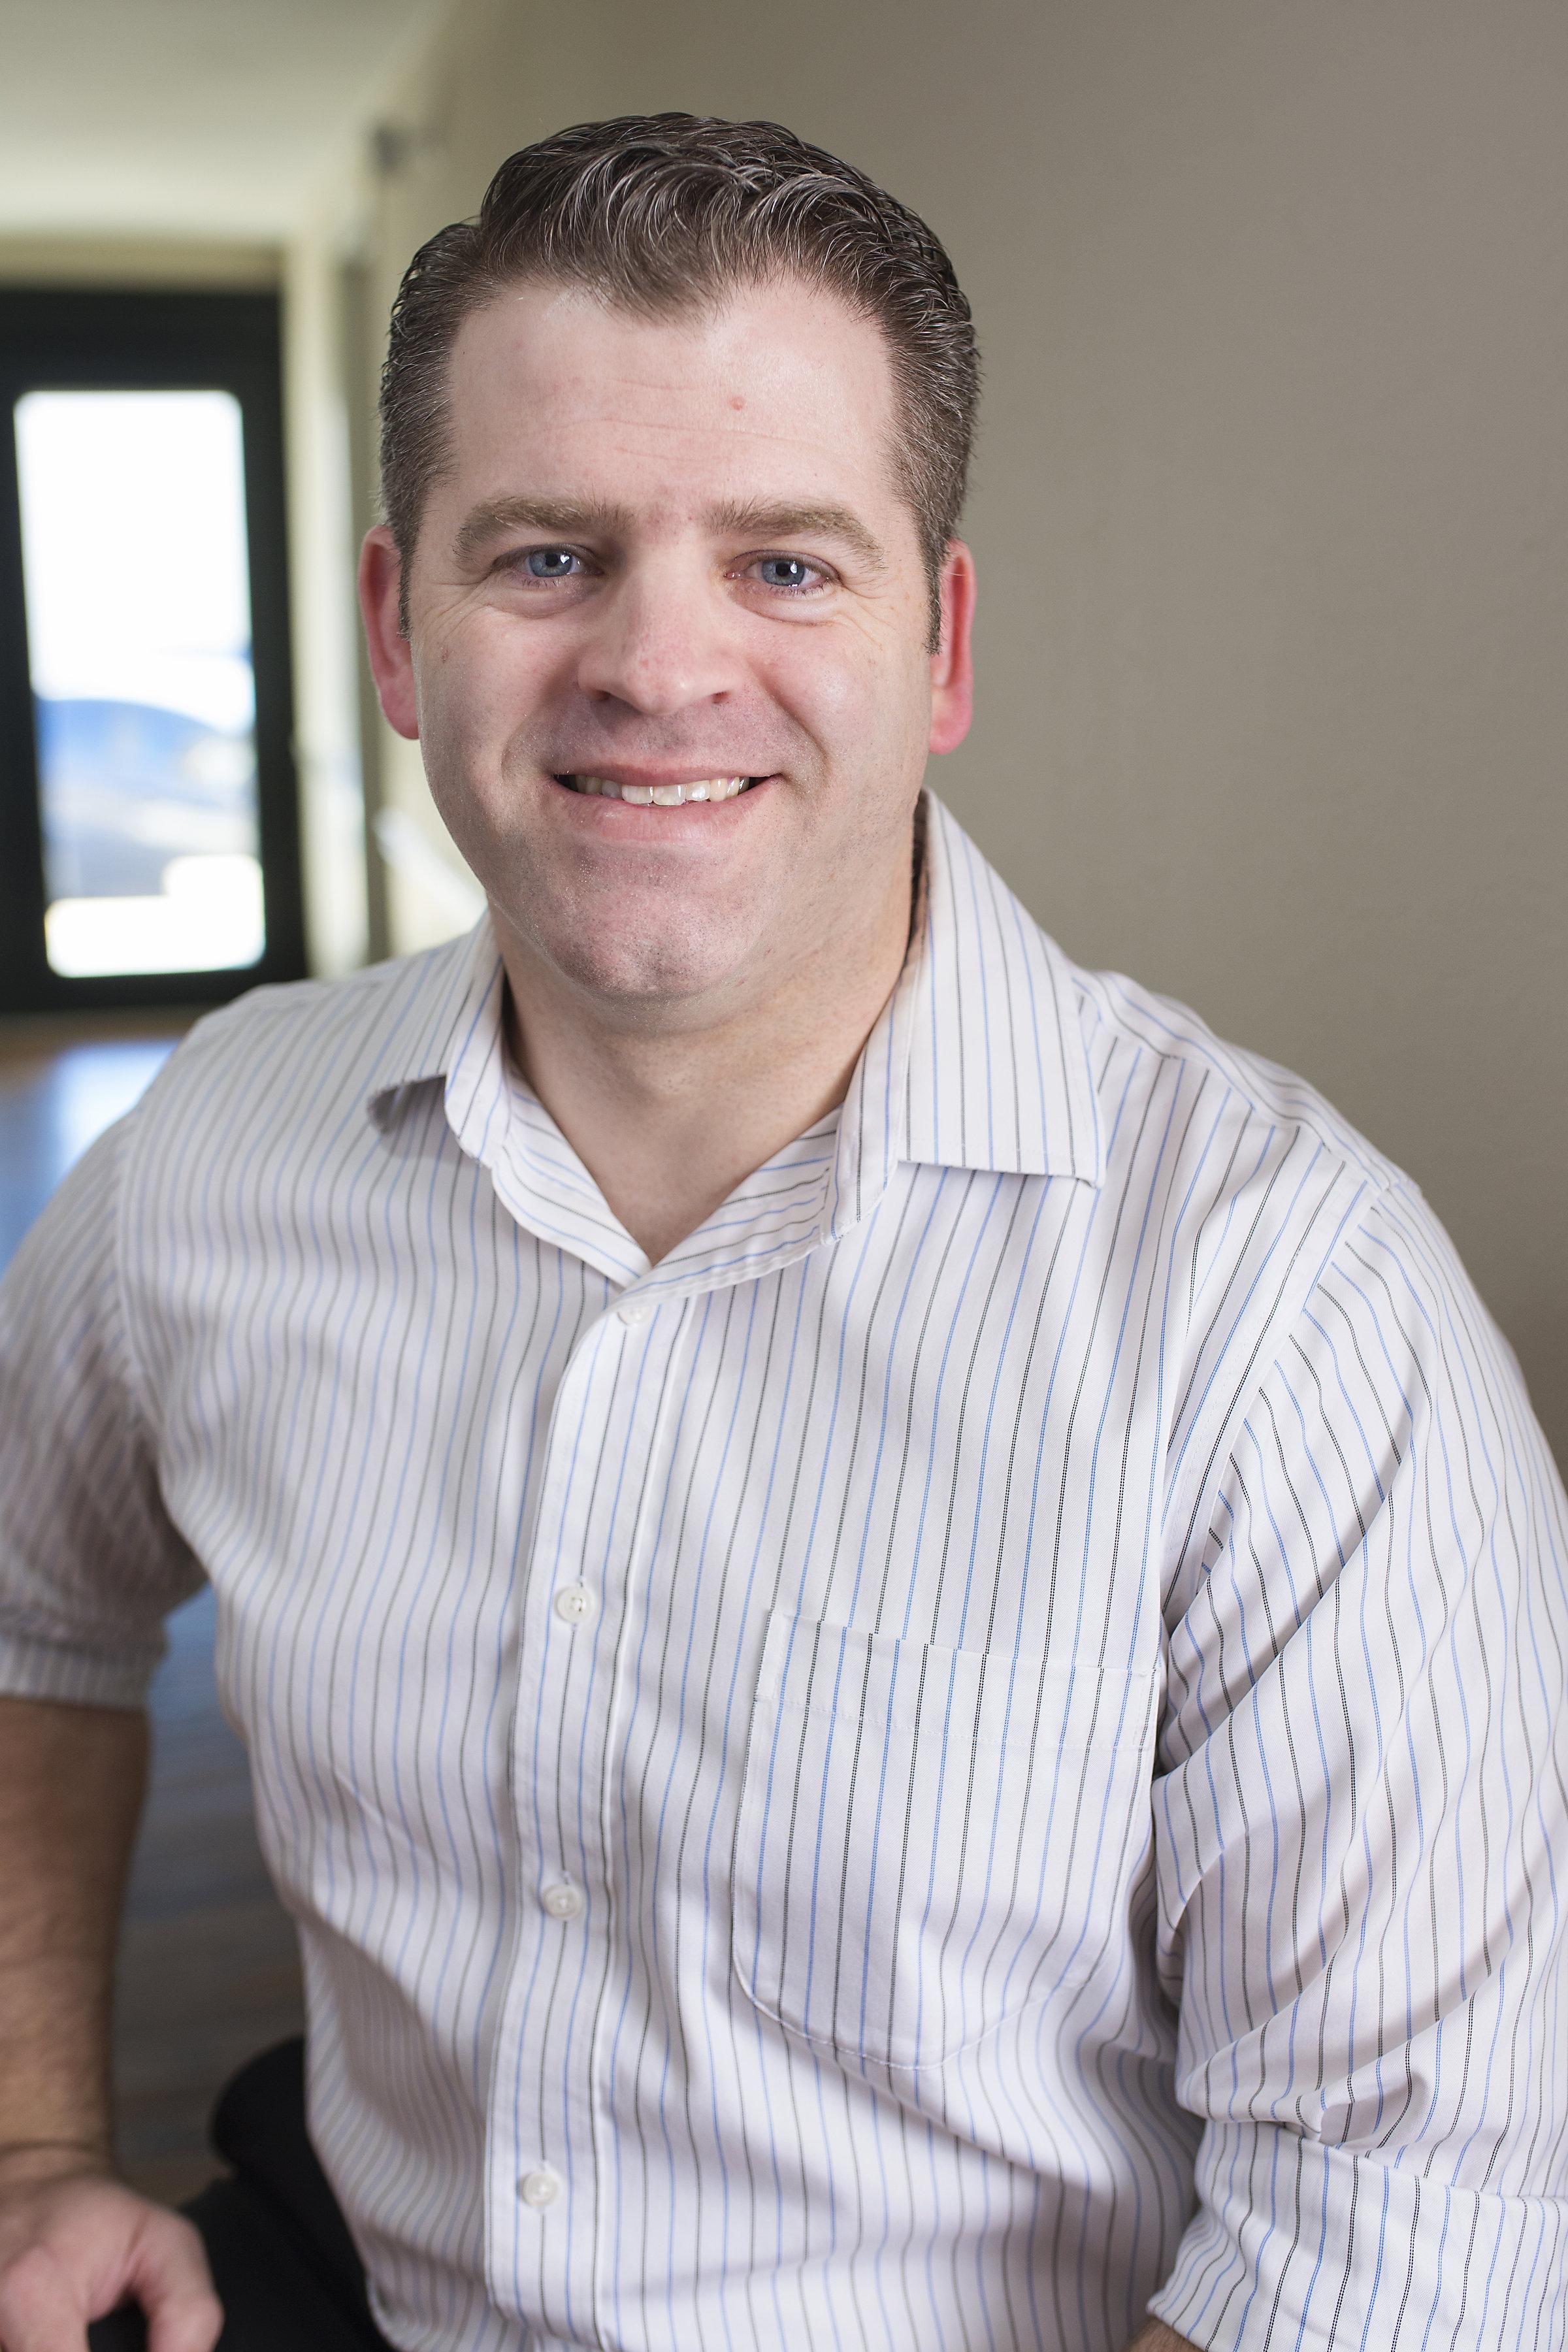 Blake Martino